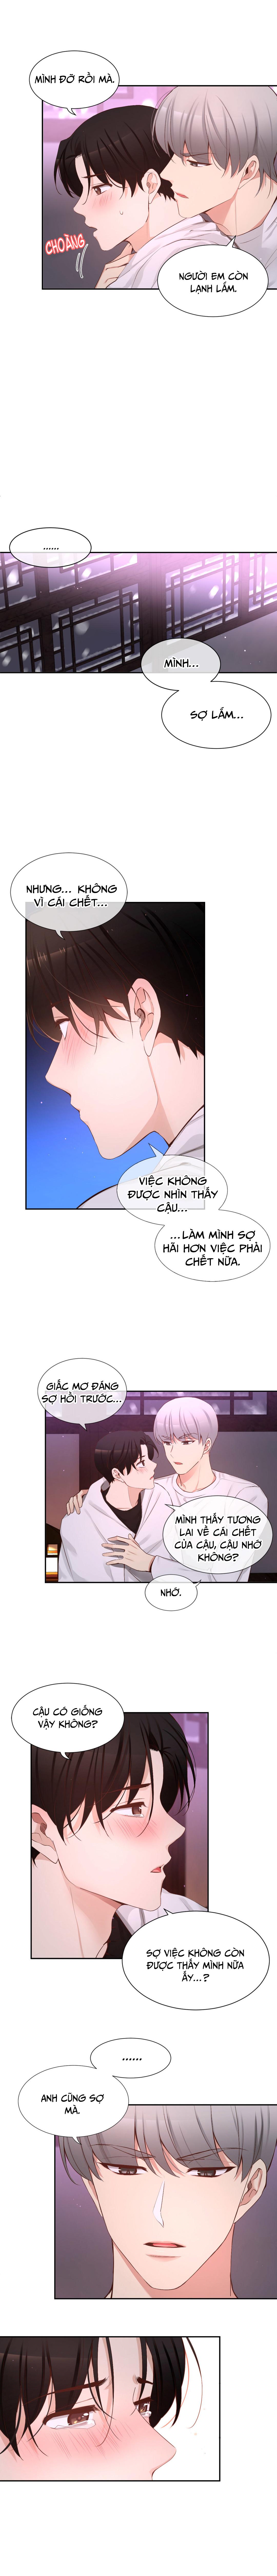 [Cake-San Group] Một Gã Như Cậu